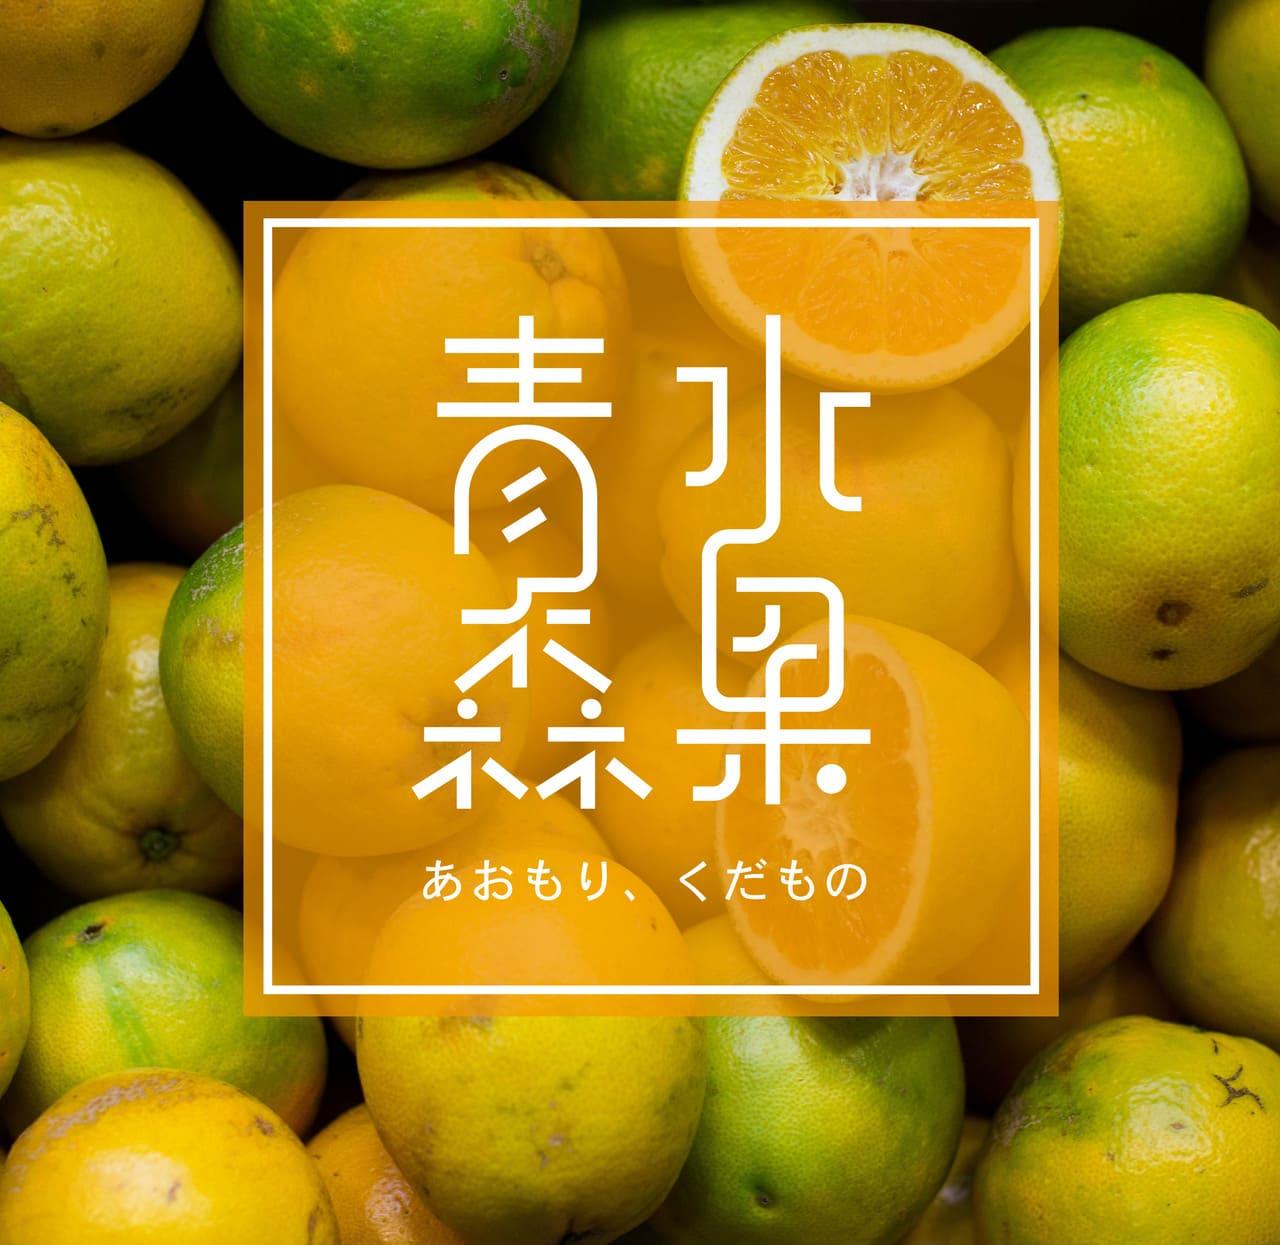 青森水果行 | 商標、名片設計